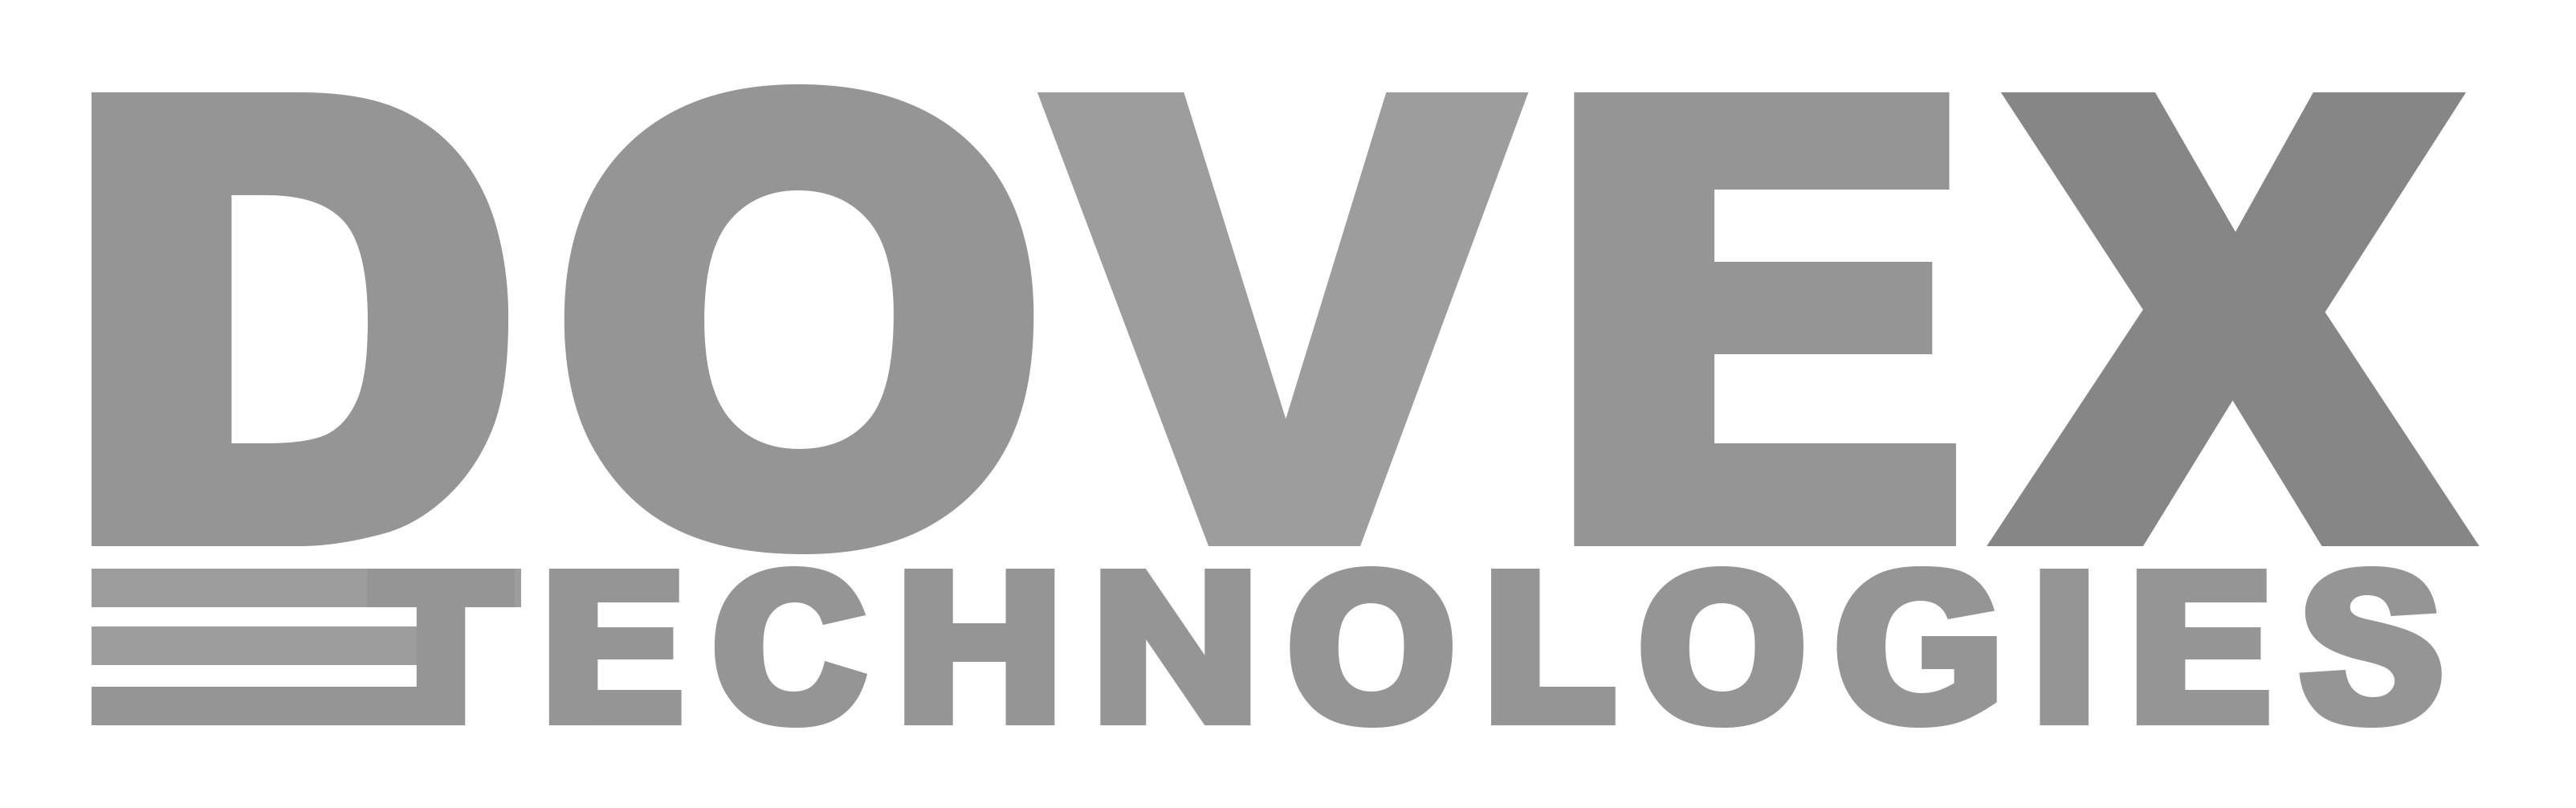 Dovex Technologies